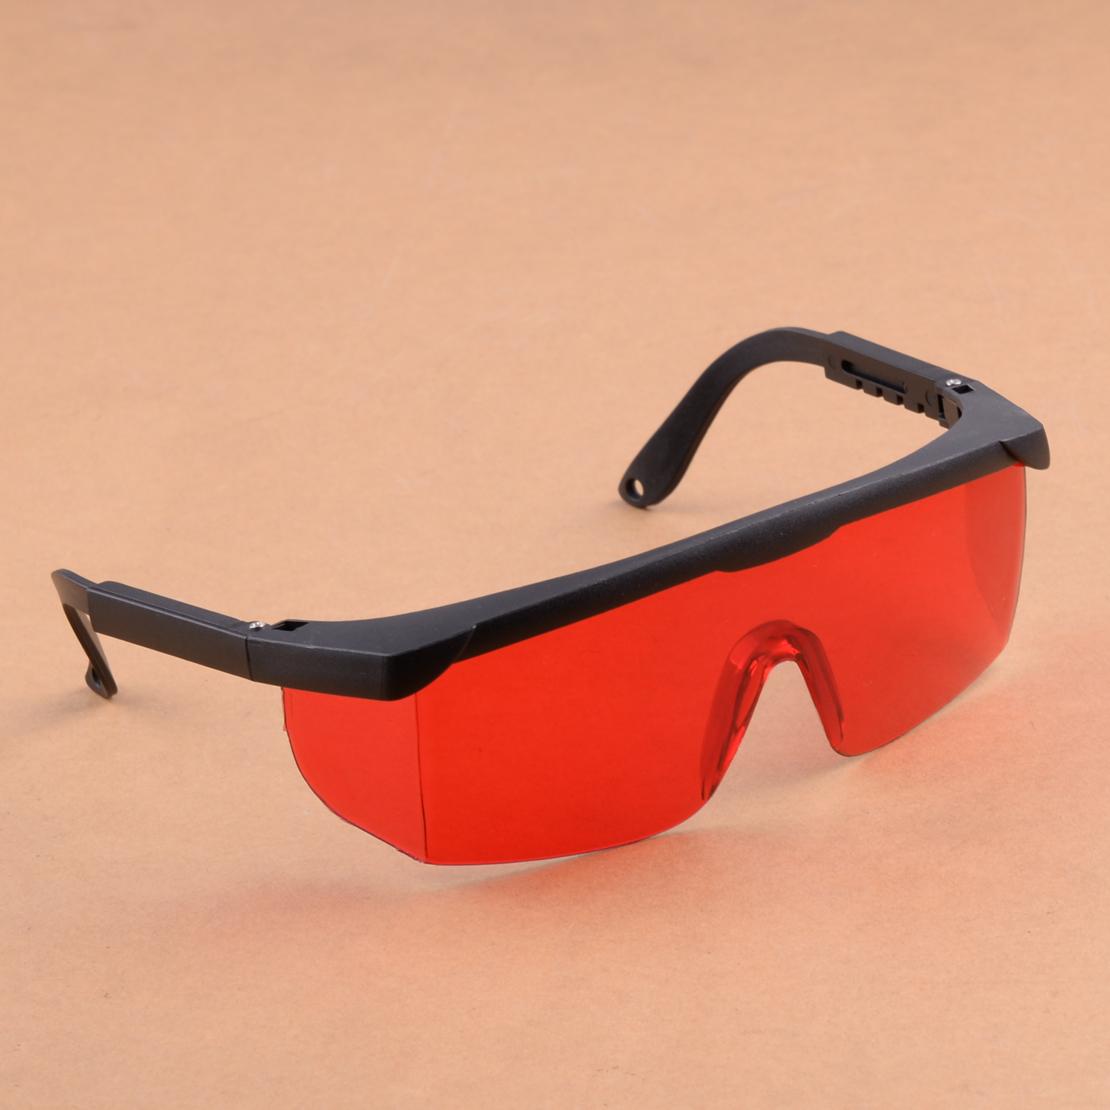 Arbeitsschutzbrille Laserschutzbrille Brille Grün 532nm Blau 445nm Violett 405nm